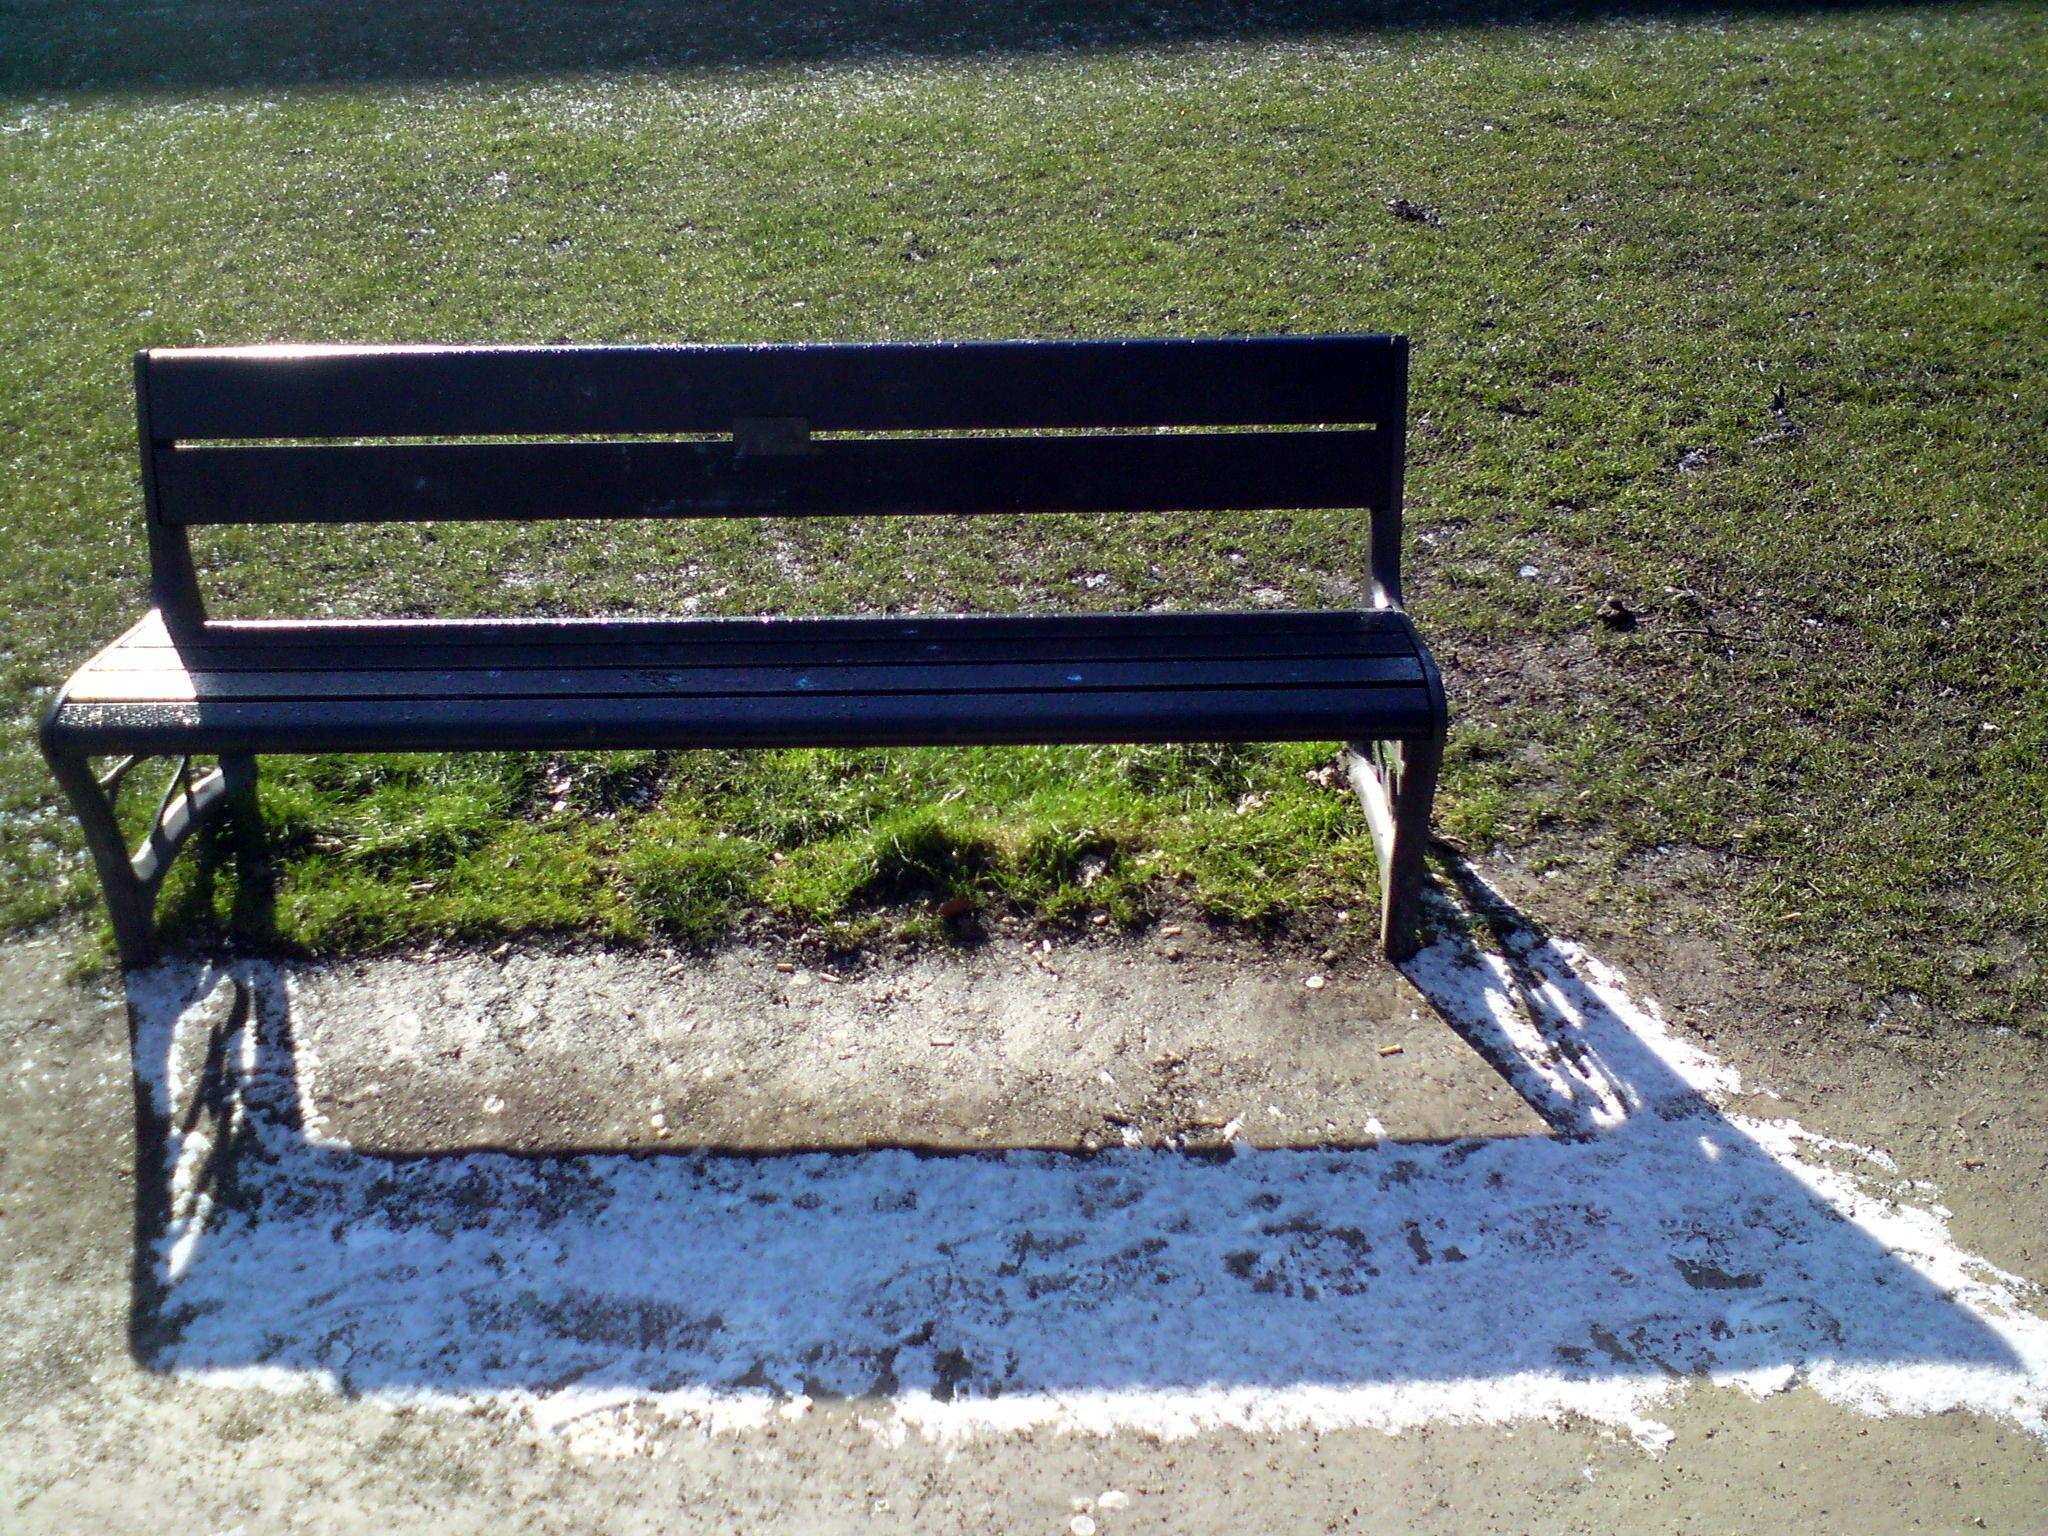 Vondelparkbank als sneeuw voor de zon